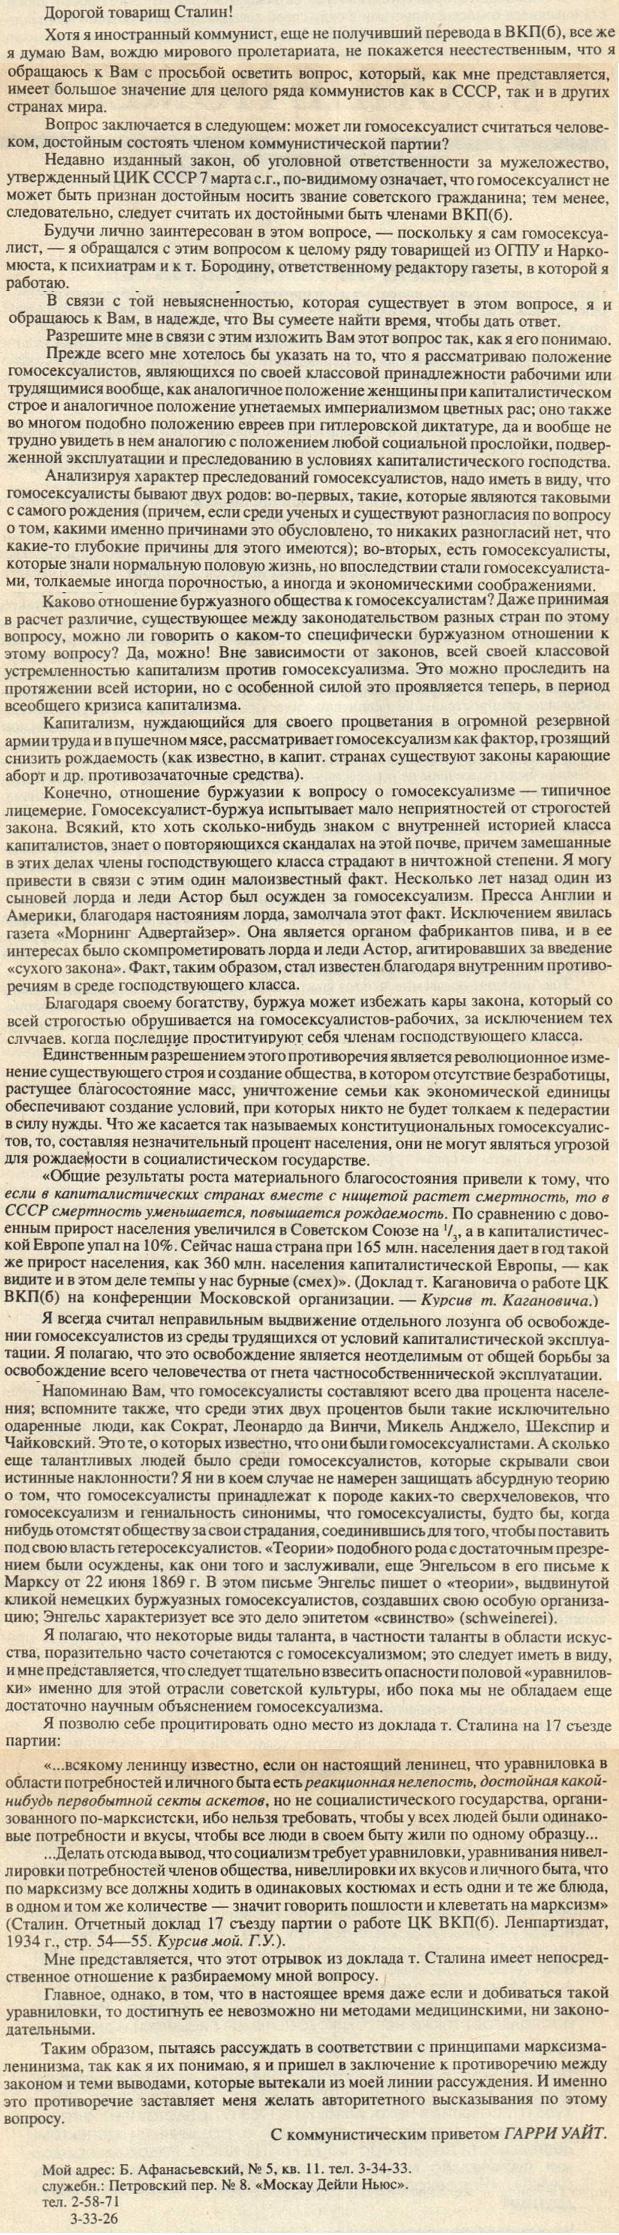 Гомосексуалисты пишут Сталину